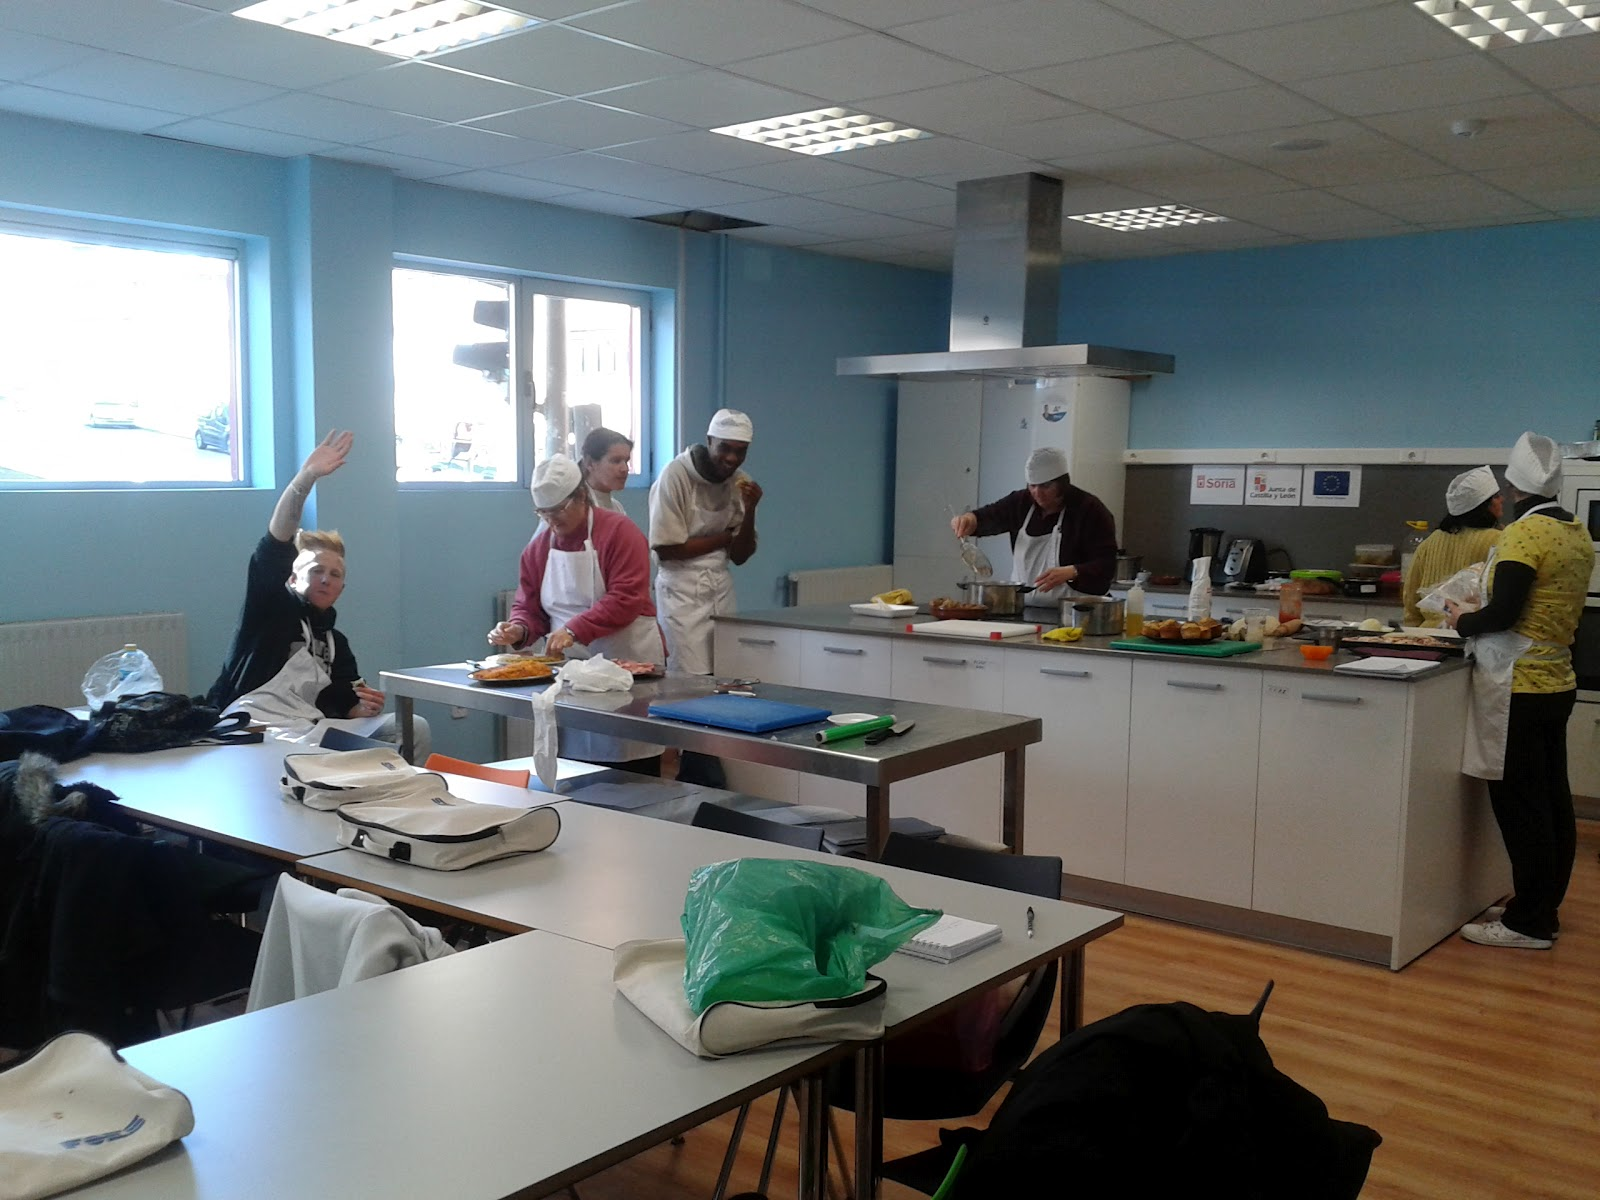 Centro civico becquer foes curso de ayudante de cocina - Curso de ayudante de cocina ...